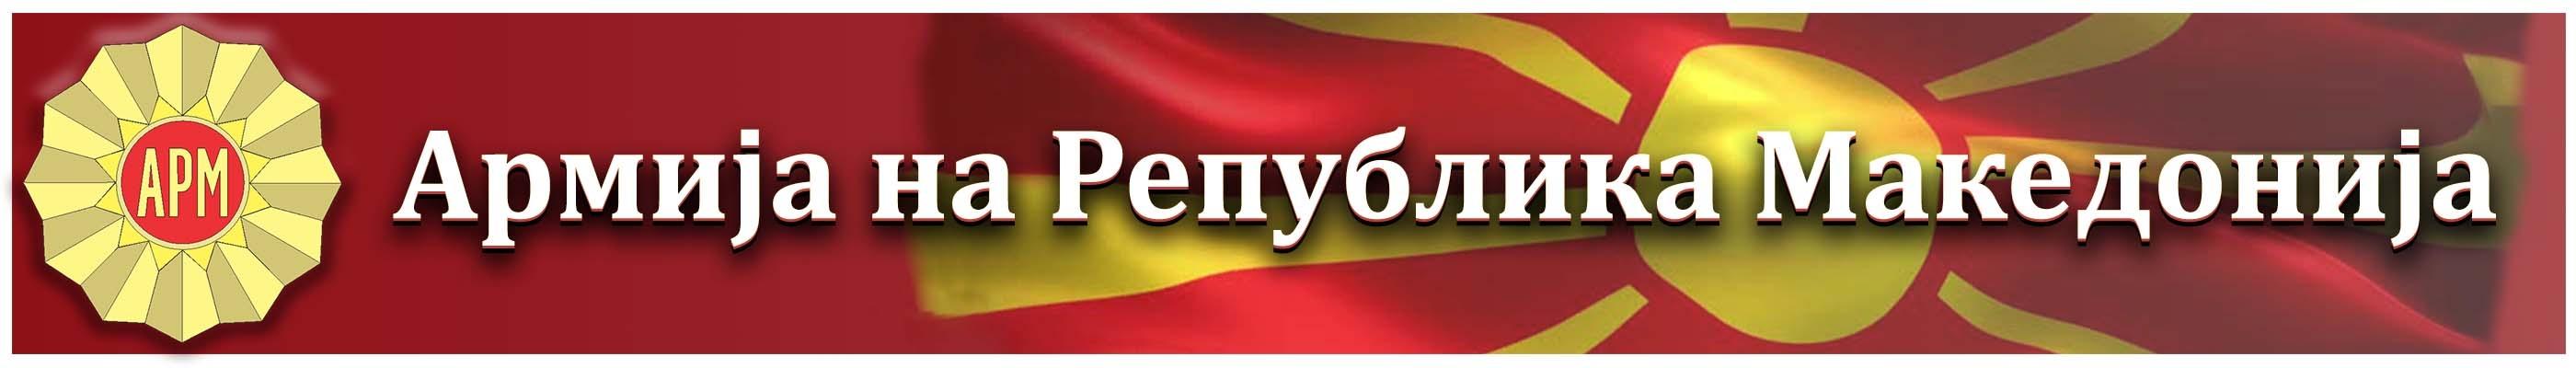 Армија на Република Македонија